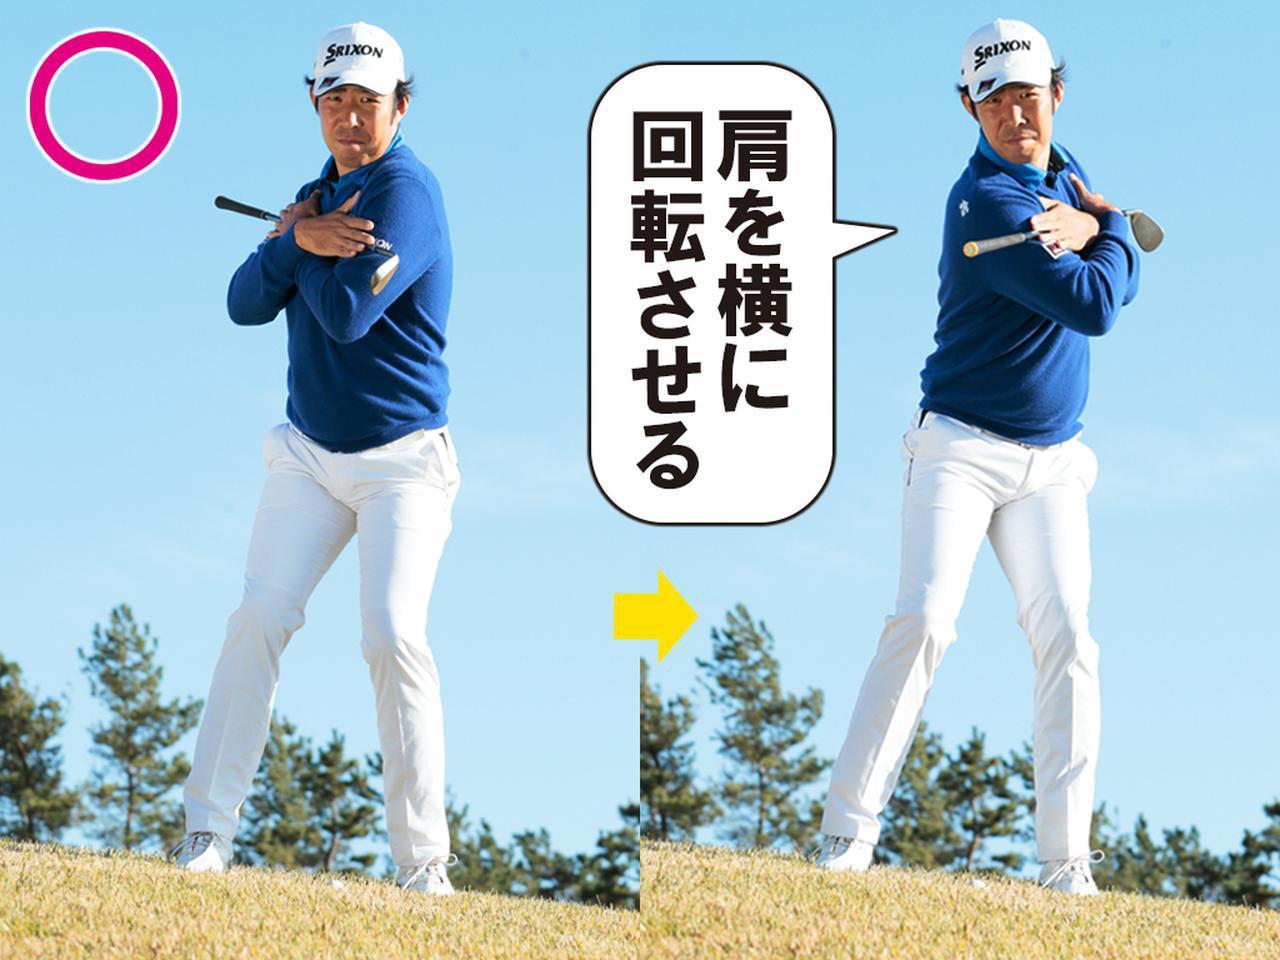 画像1: 【ポイント①】 肩を傾斜に対して水平に動かす